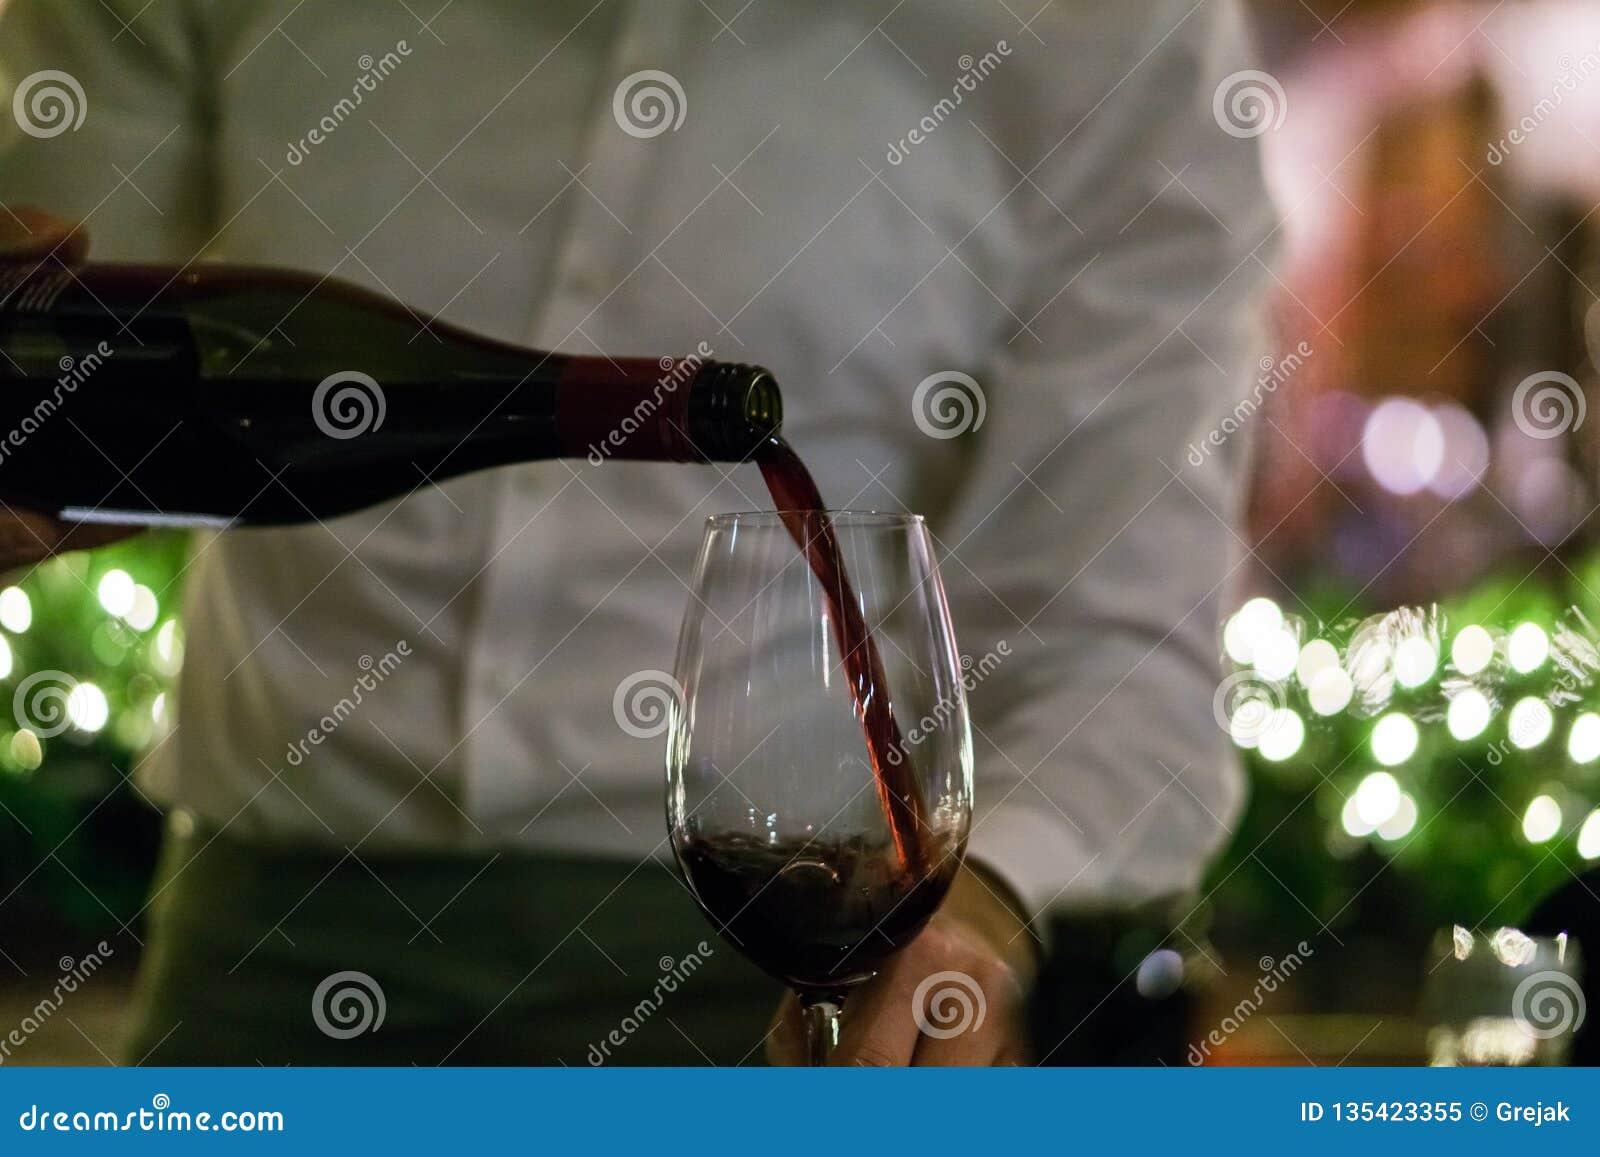 Cameriere che versa vino rosso in un vetro